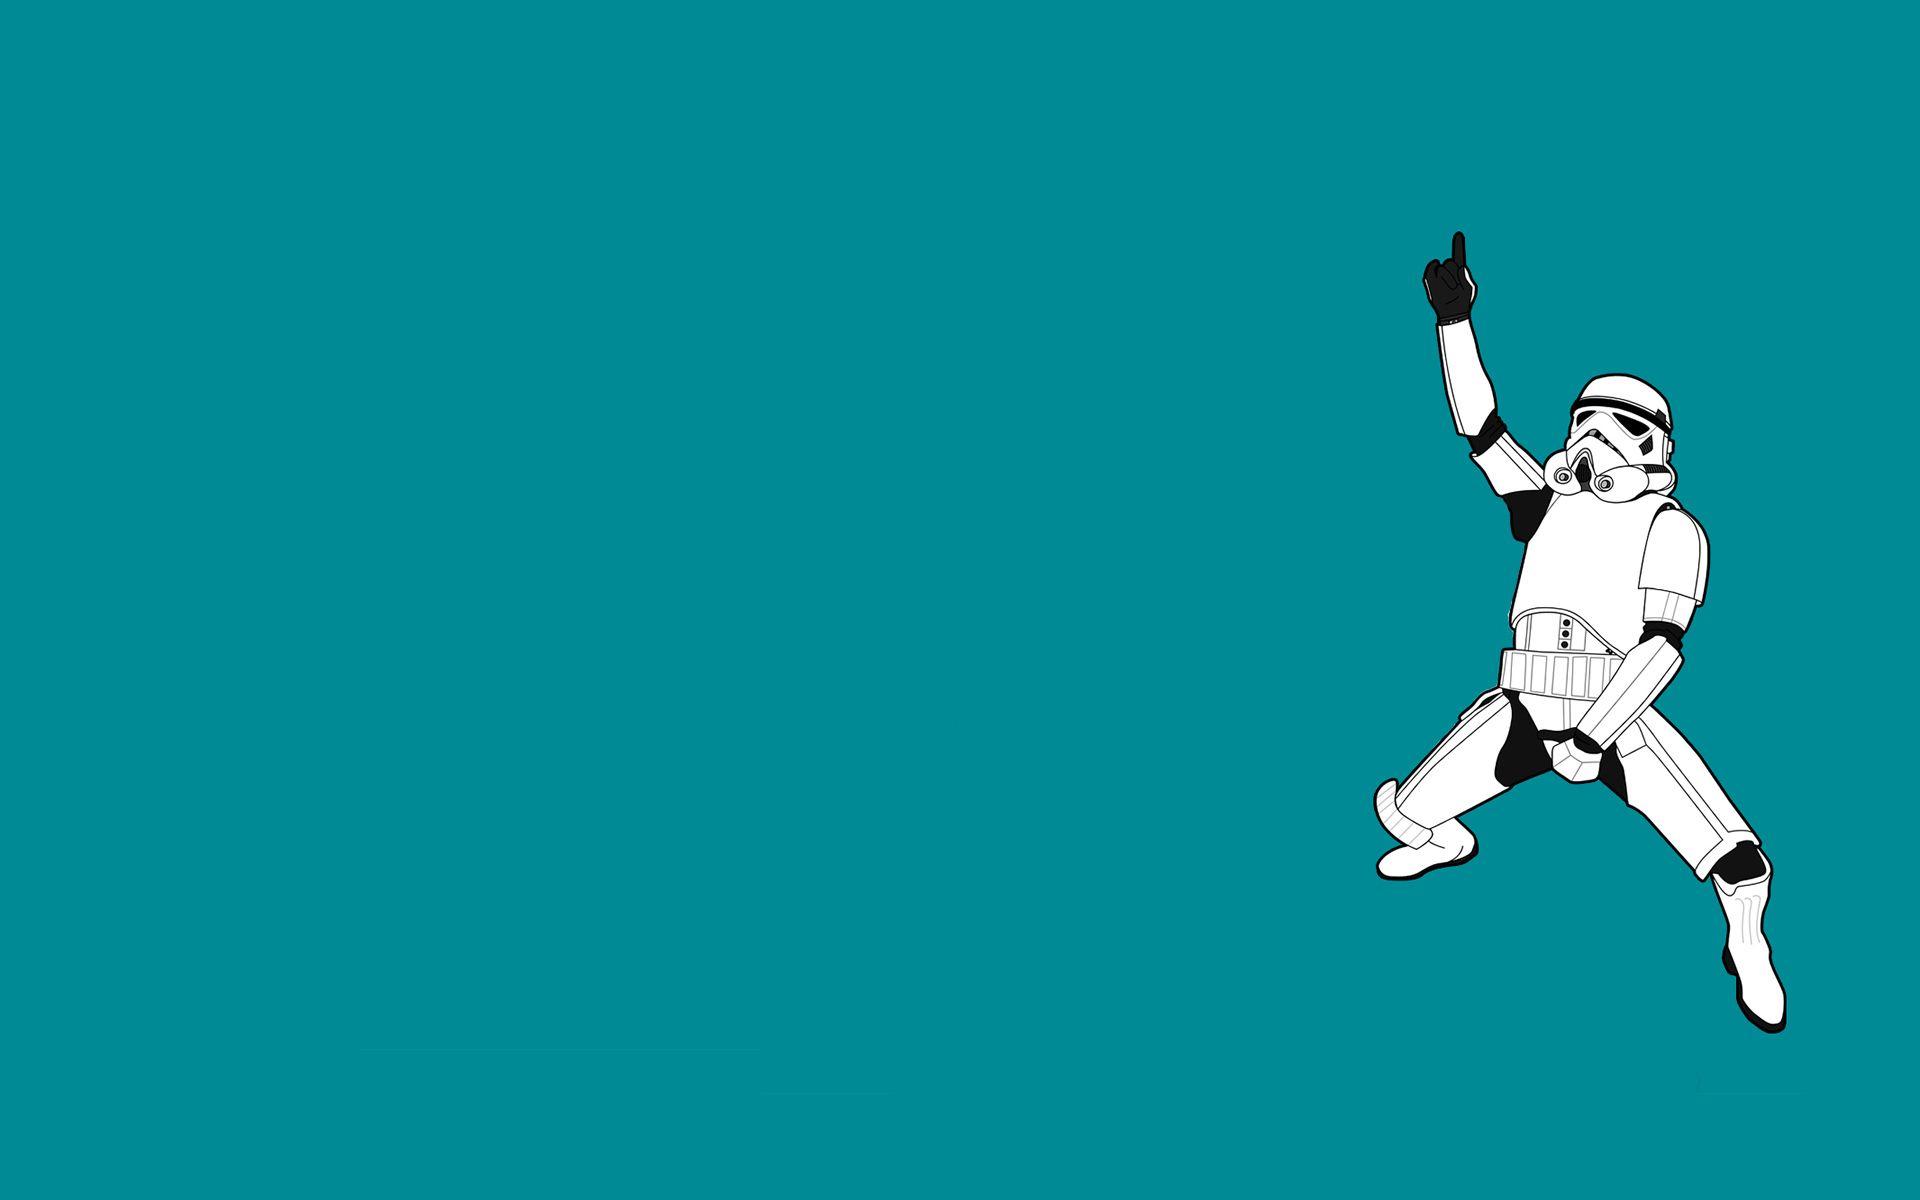 Desktop Wallpaper Star Wars Wallpaper Funny Wallpapers Funny Wallpaper